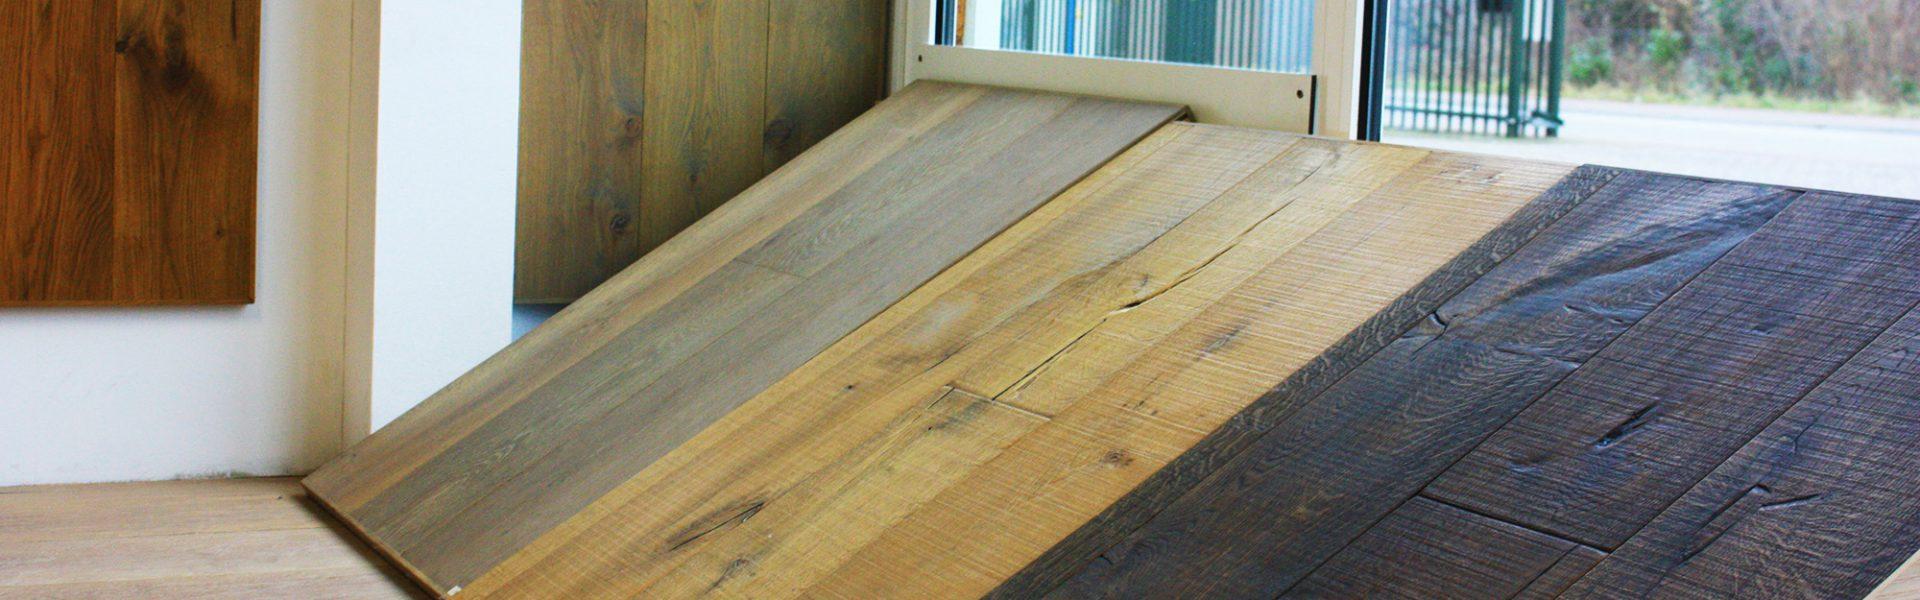 Bennie Bens houten vloeren Cuijk